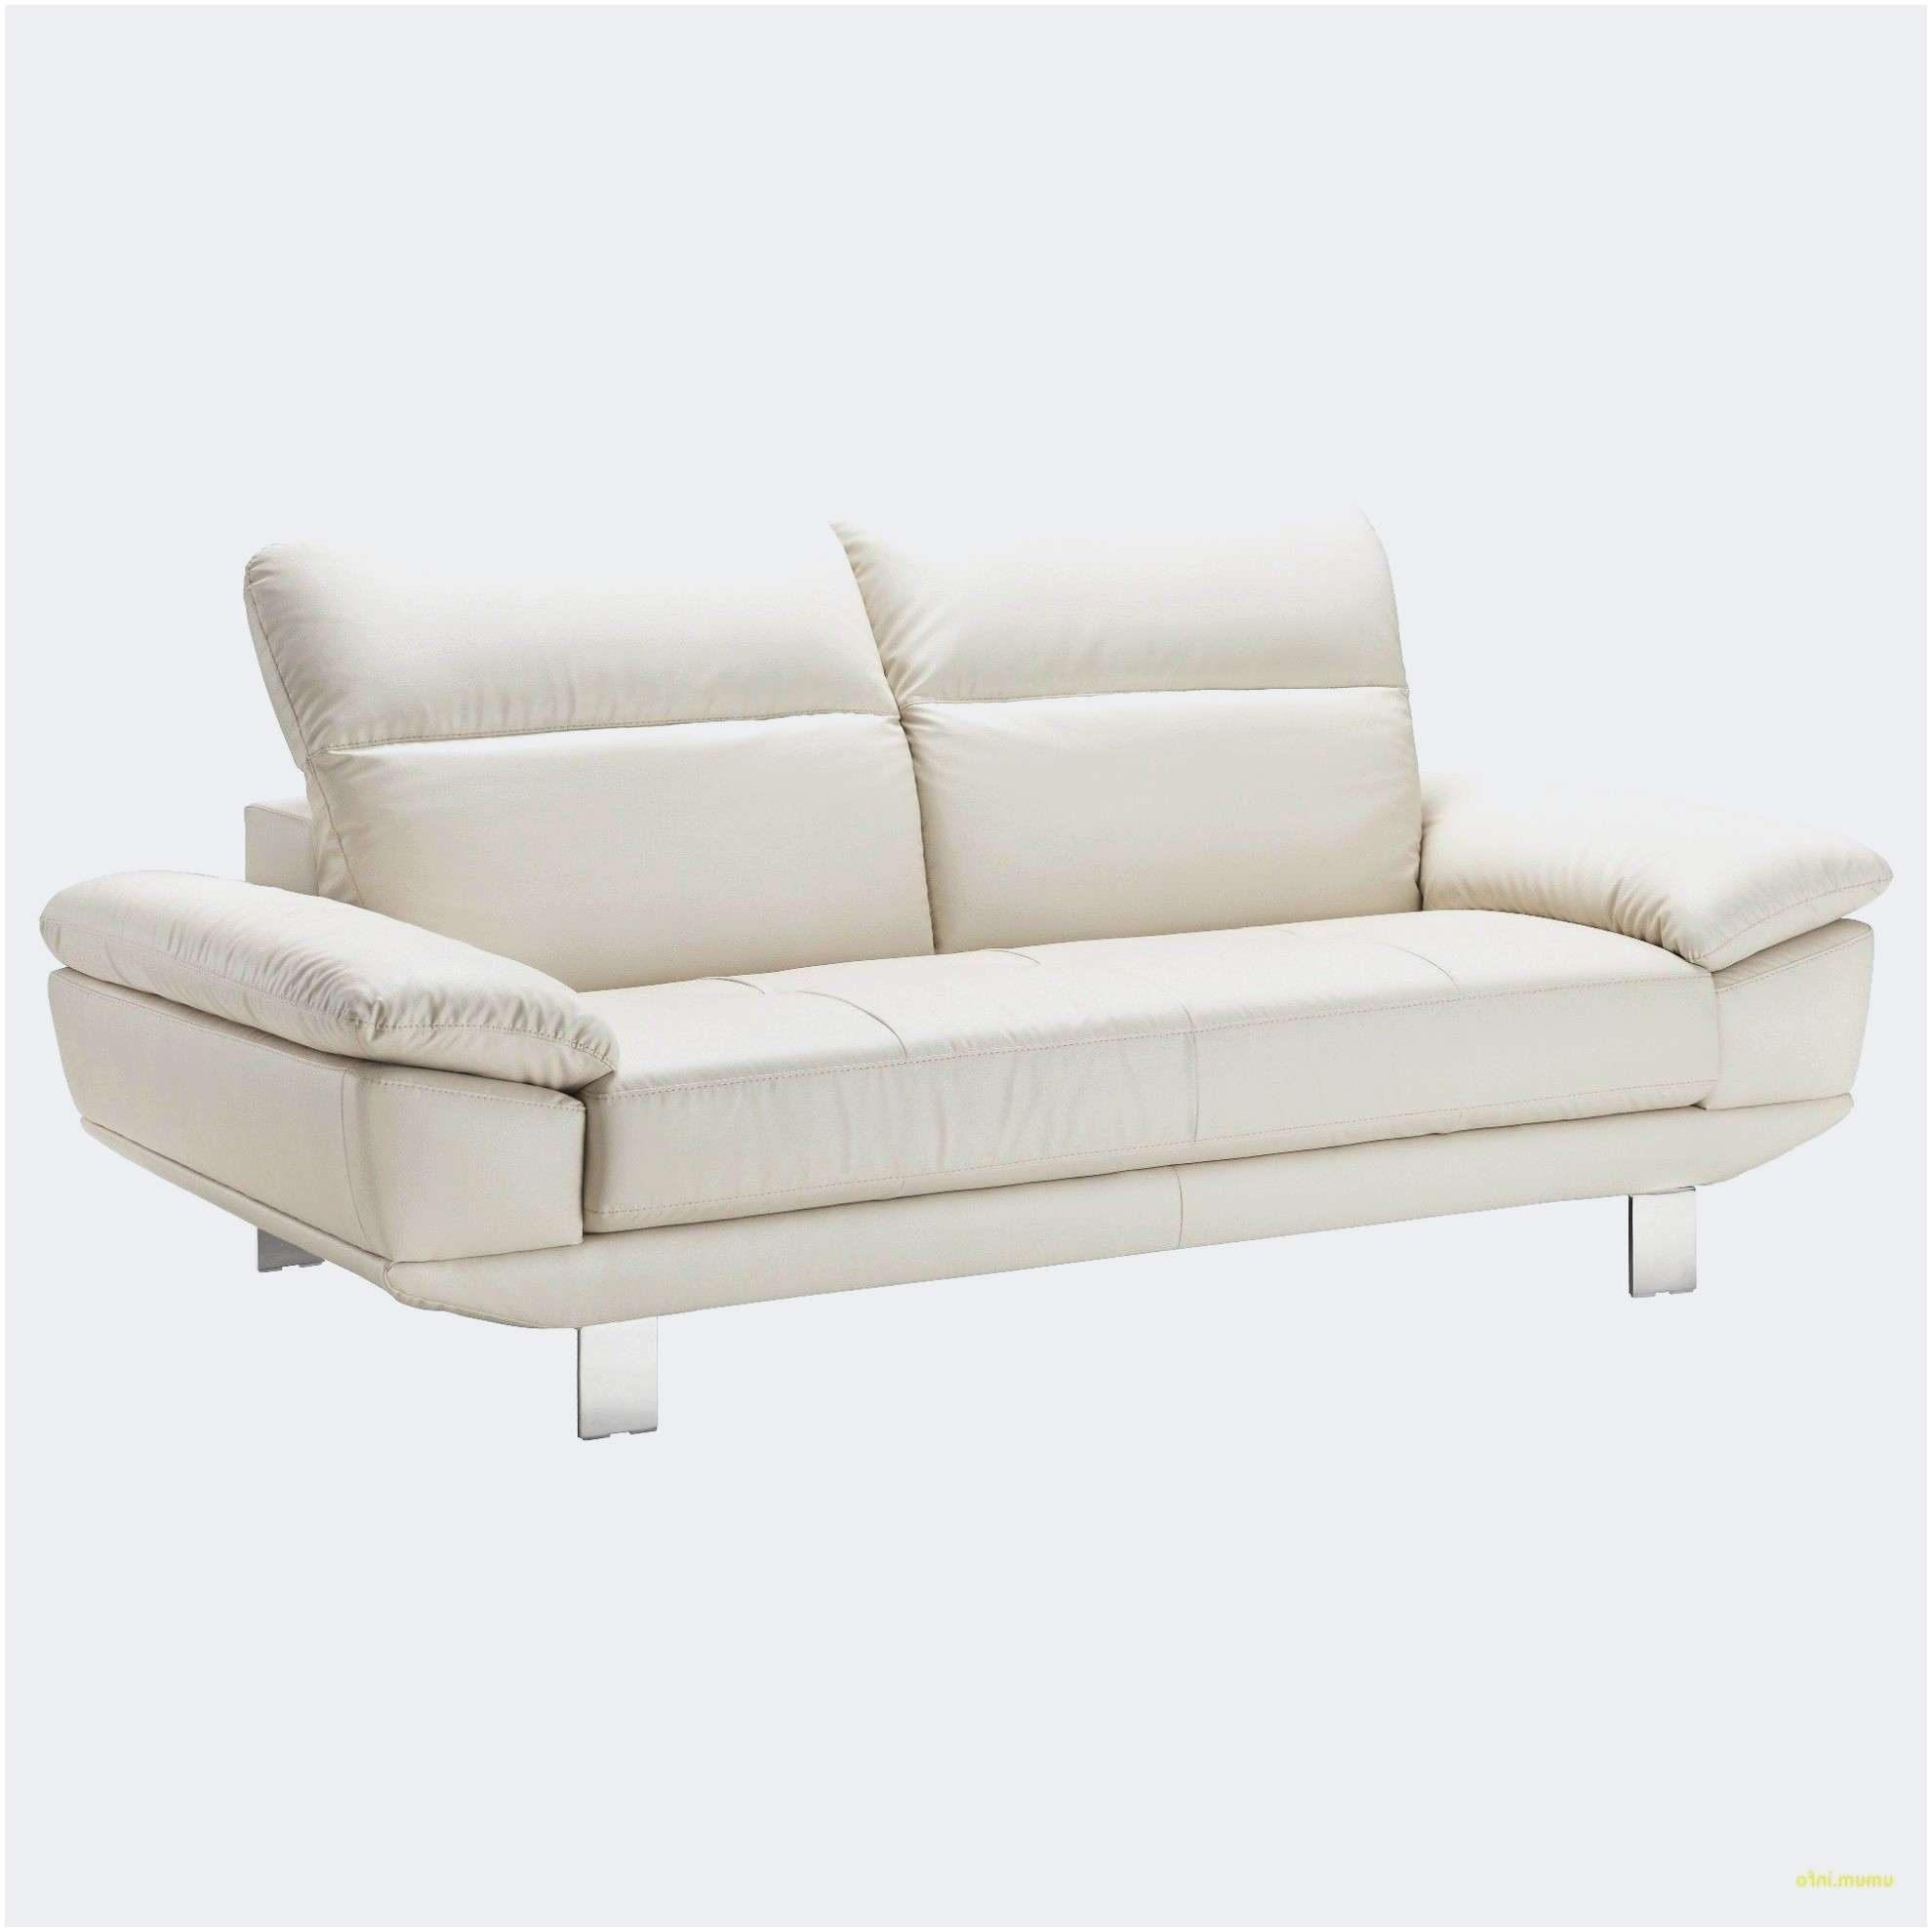 Canapé Lit Gigogne Adulte Frais Elégant Luxury Canapé Lit Matelas Pour Choix Canapé Lit Gigogne Ikea